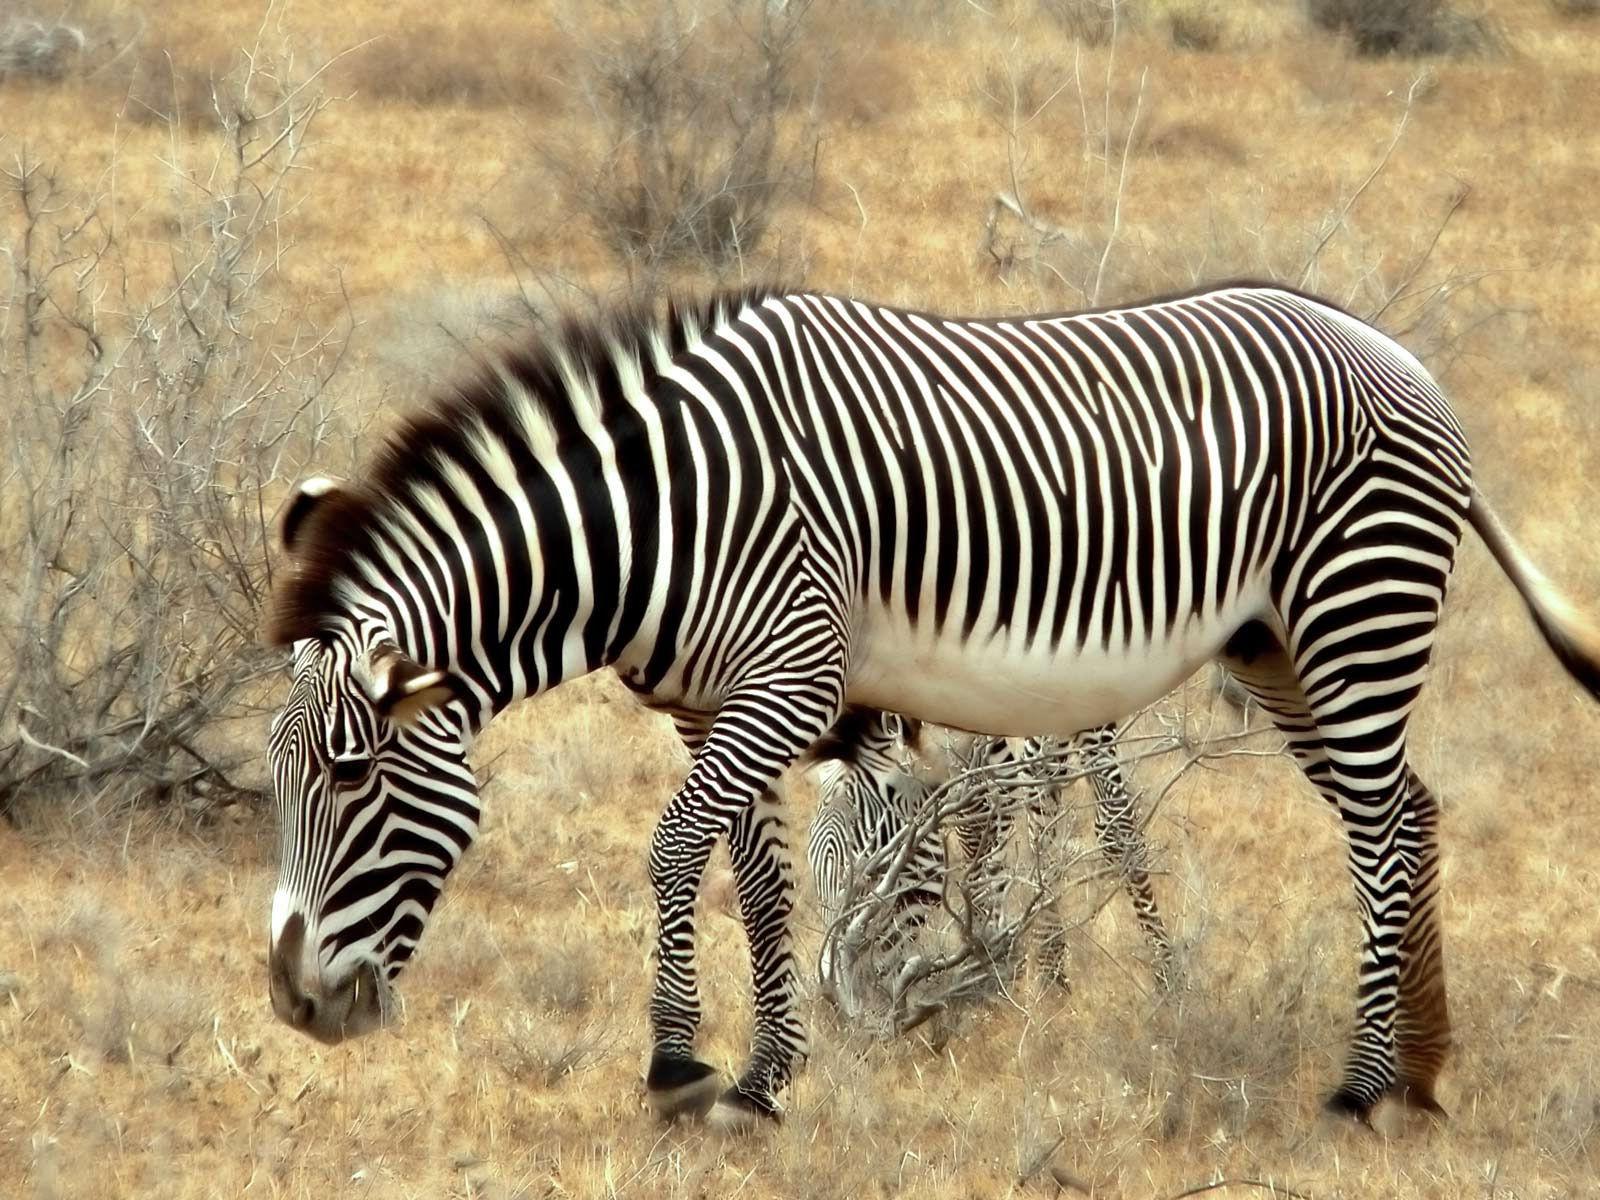 Très Fonds d'écran Animaux Sauvages Afrique - MaximumWallHD DG82